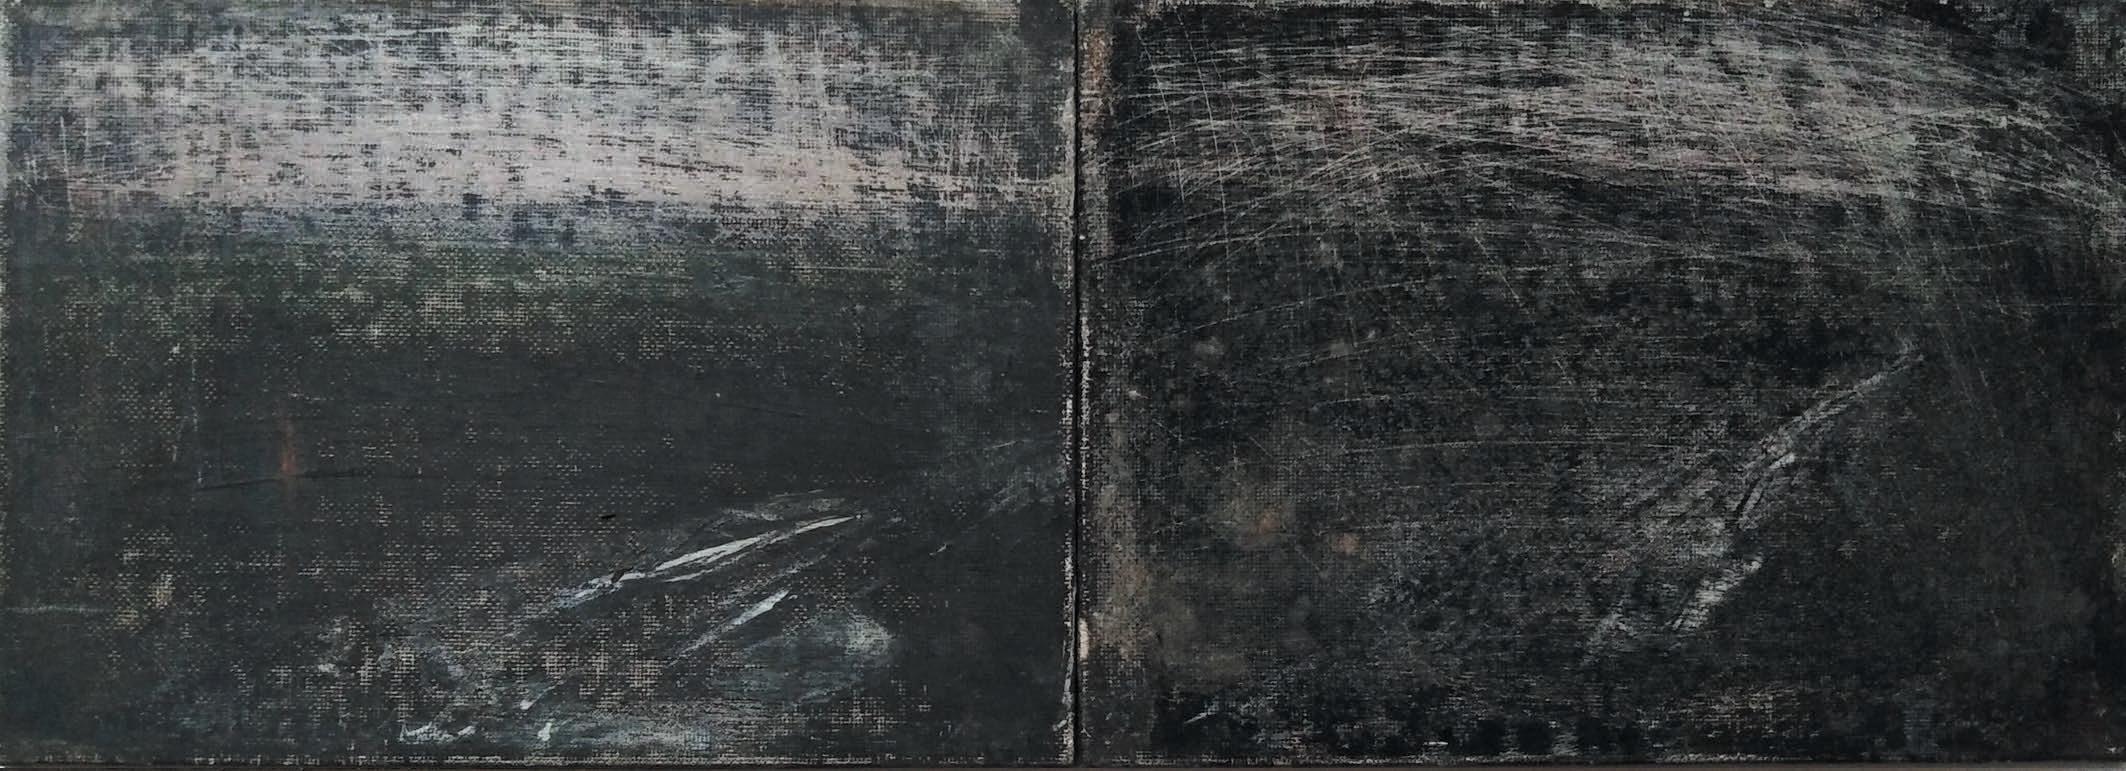 Massimo Romani, Landscape (15)- 2019 - olio su cartone telato - 13 x 36 cm